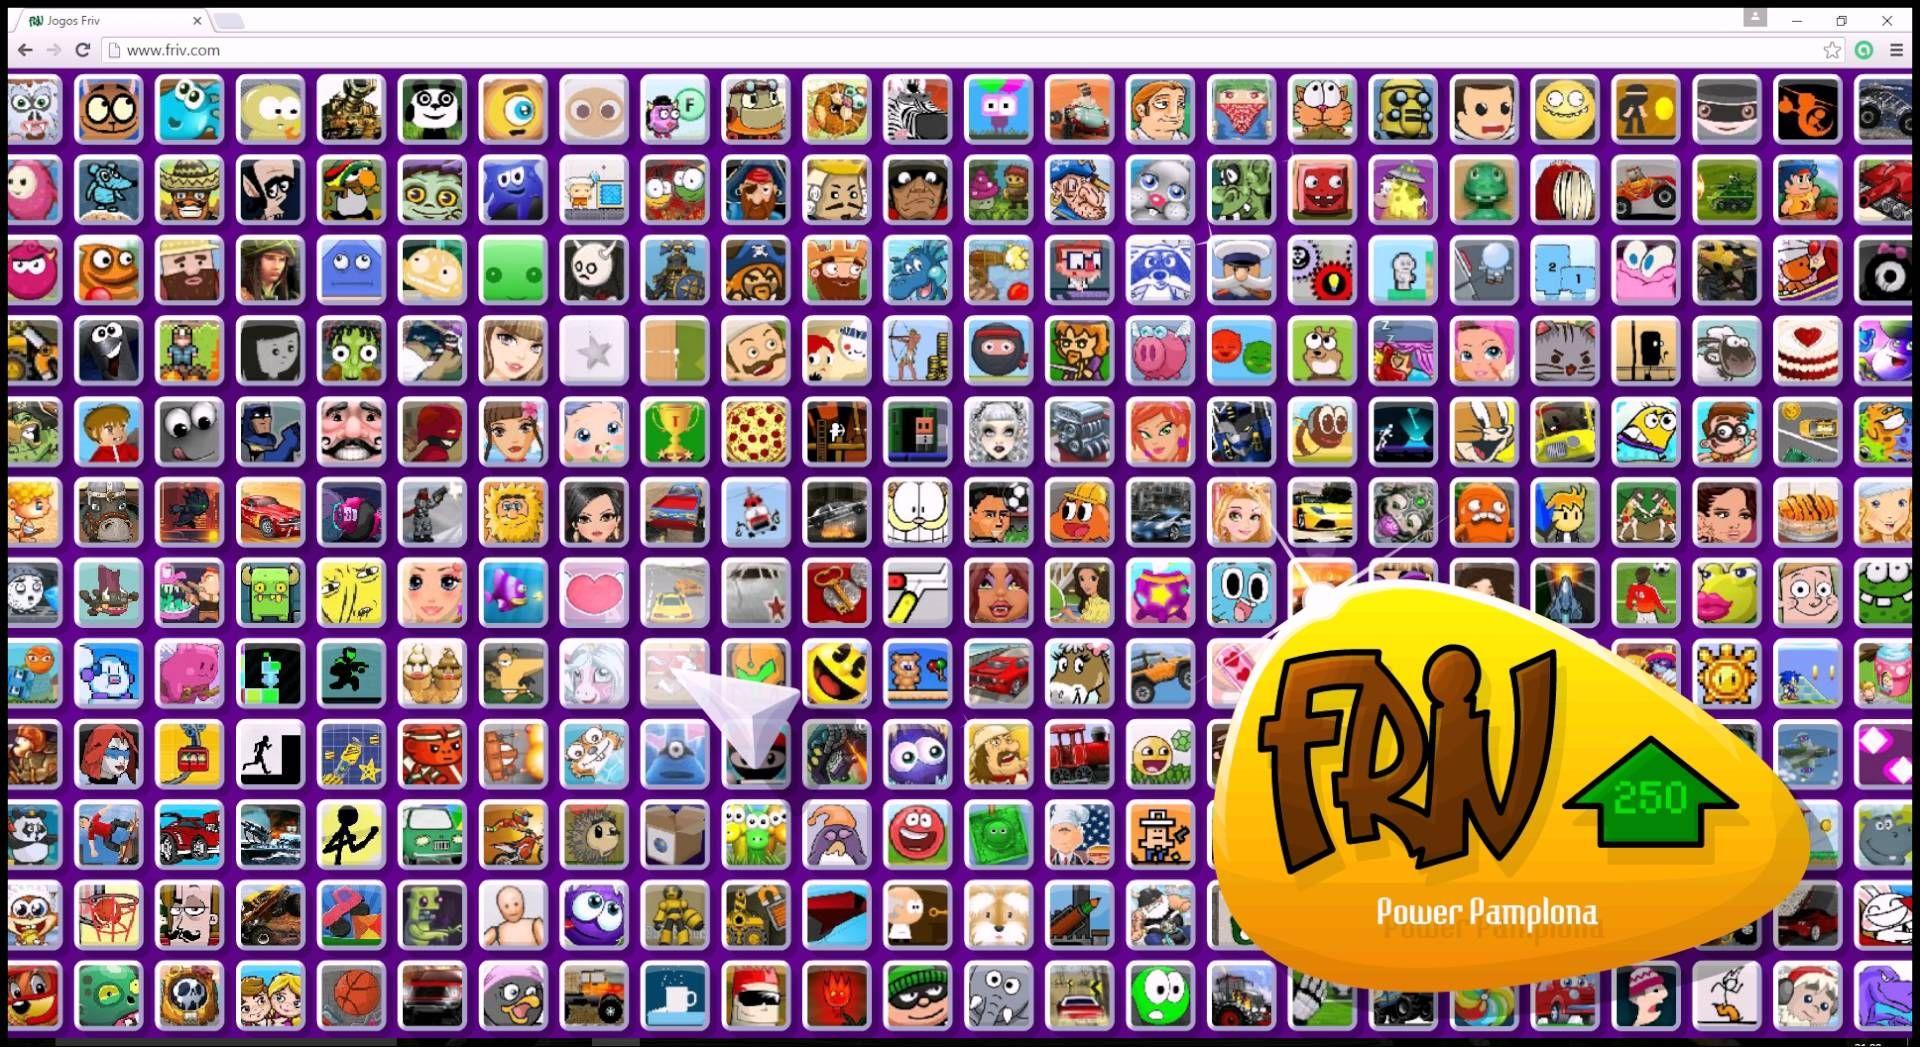 Pagina Con Muchos Juegos Chulos Juegos Juegos Juegos Chulos Y